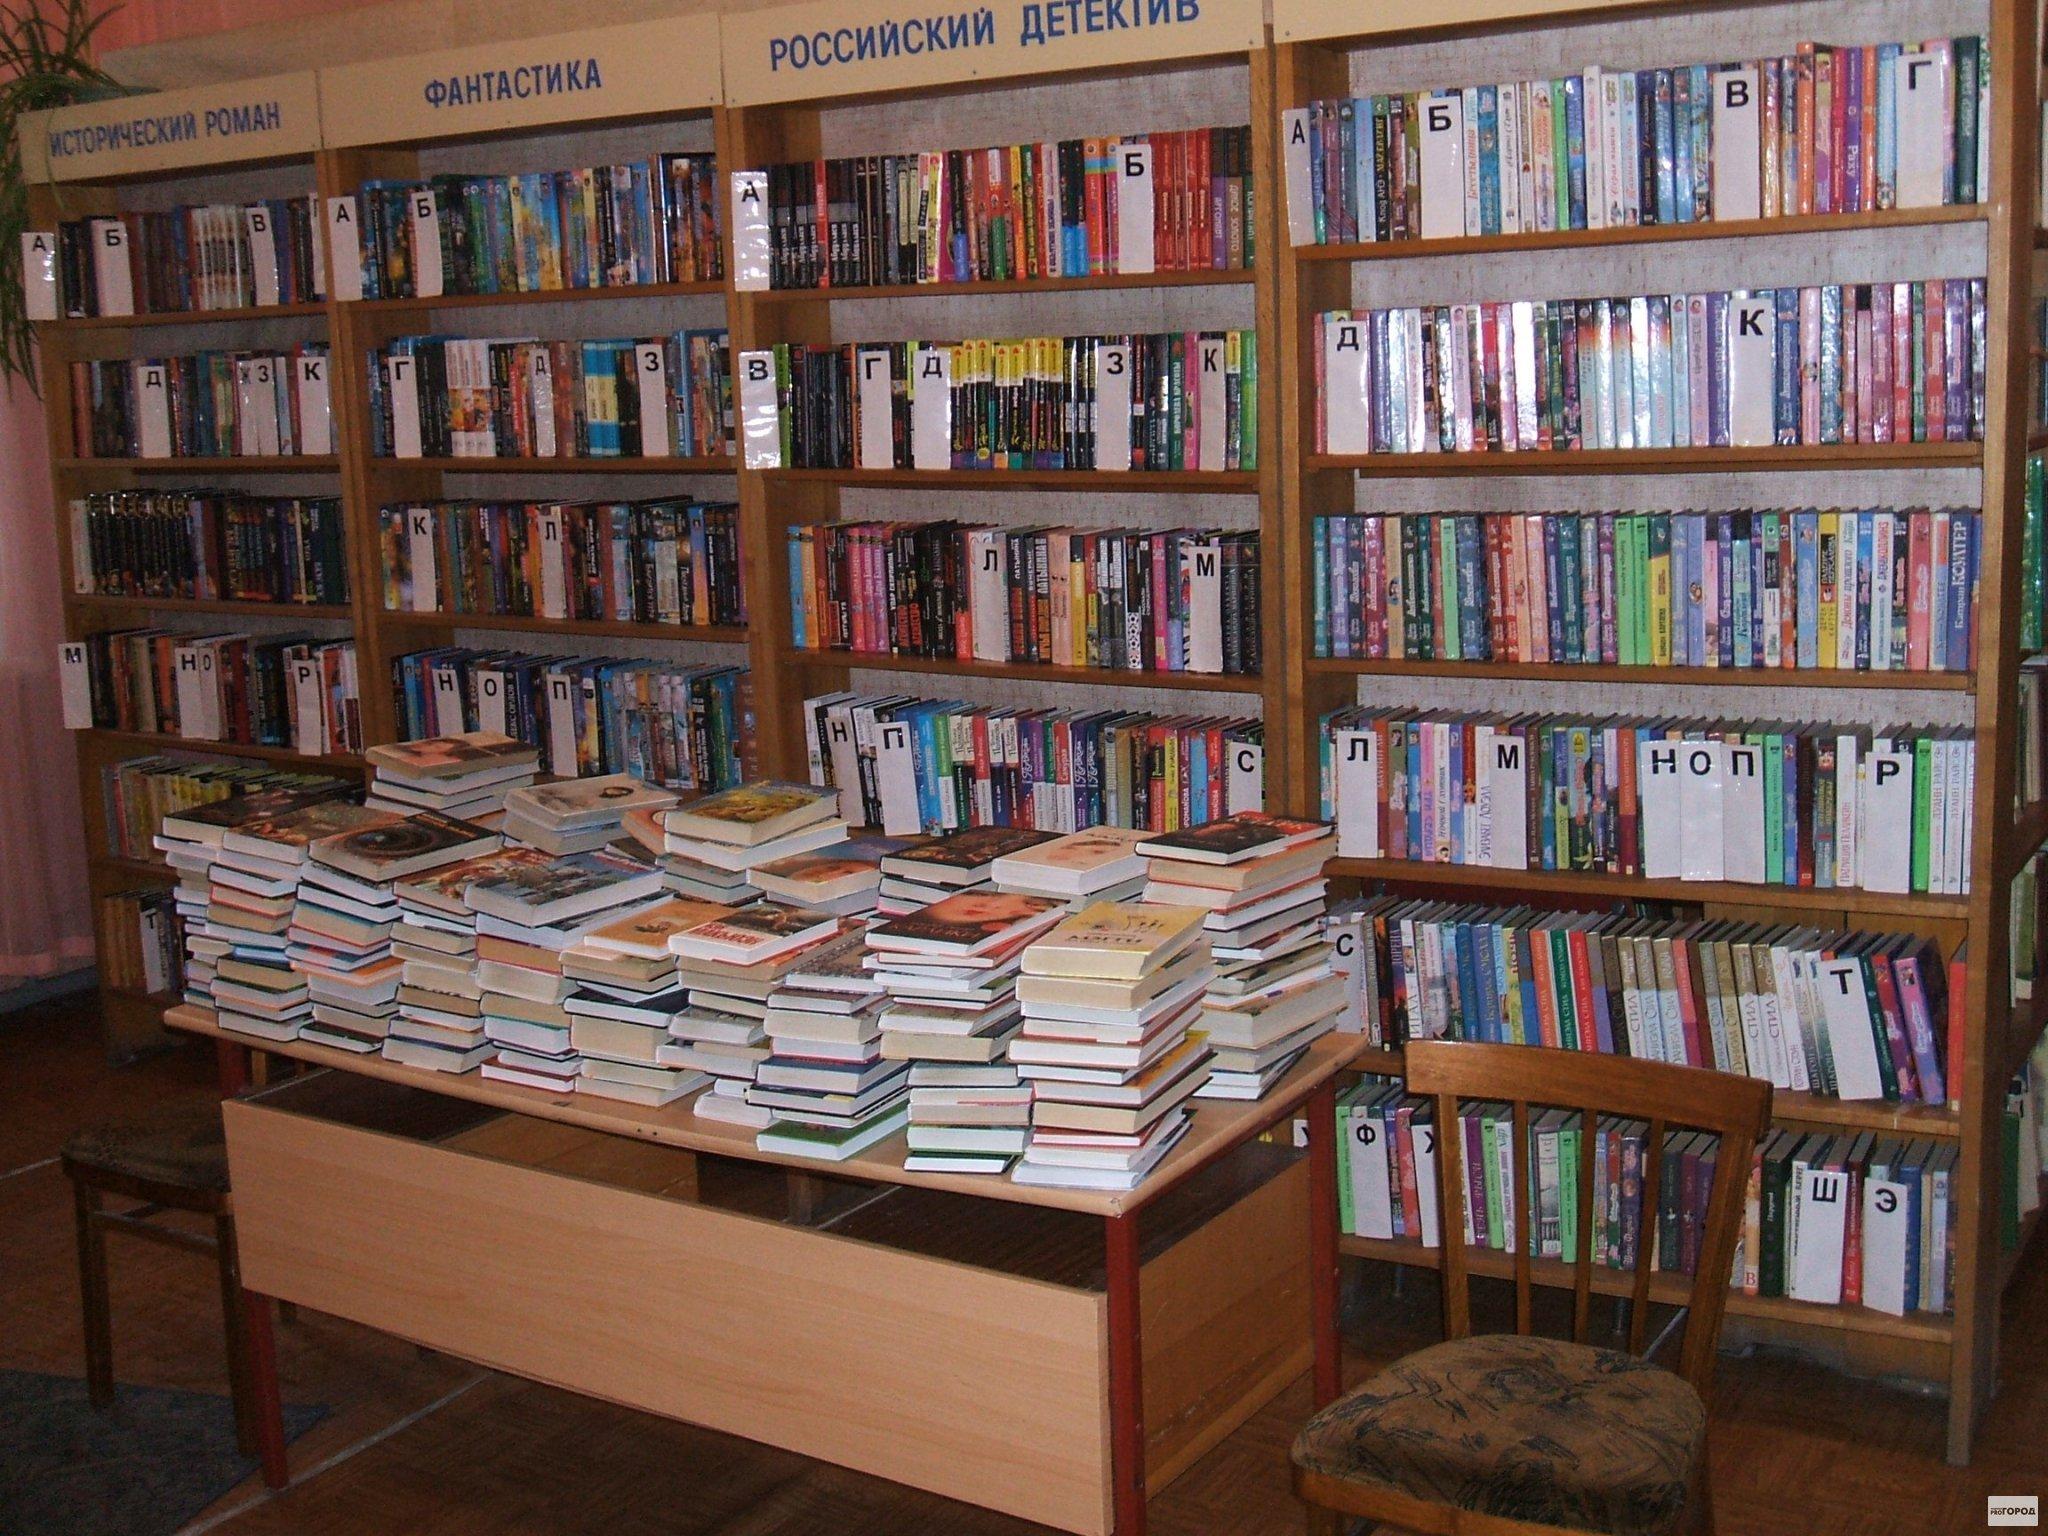 В Кировской области читатель ограбил библиотеку